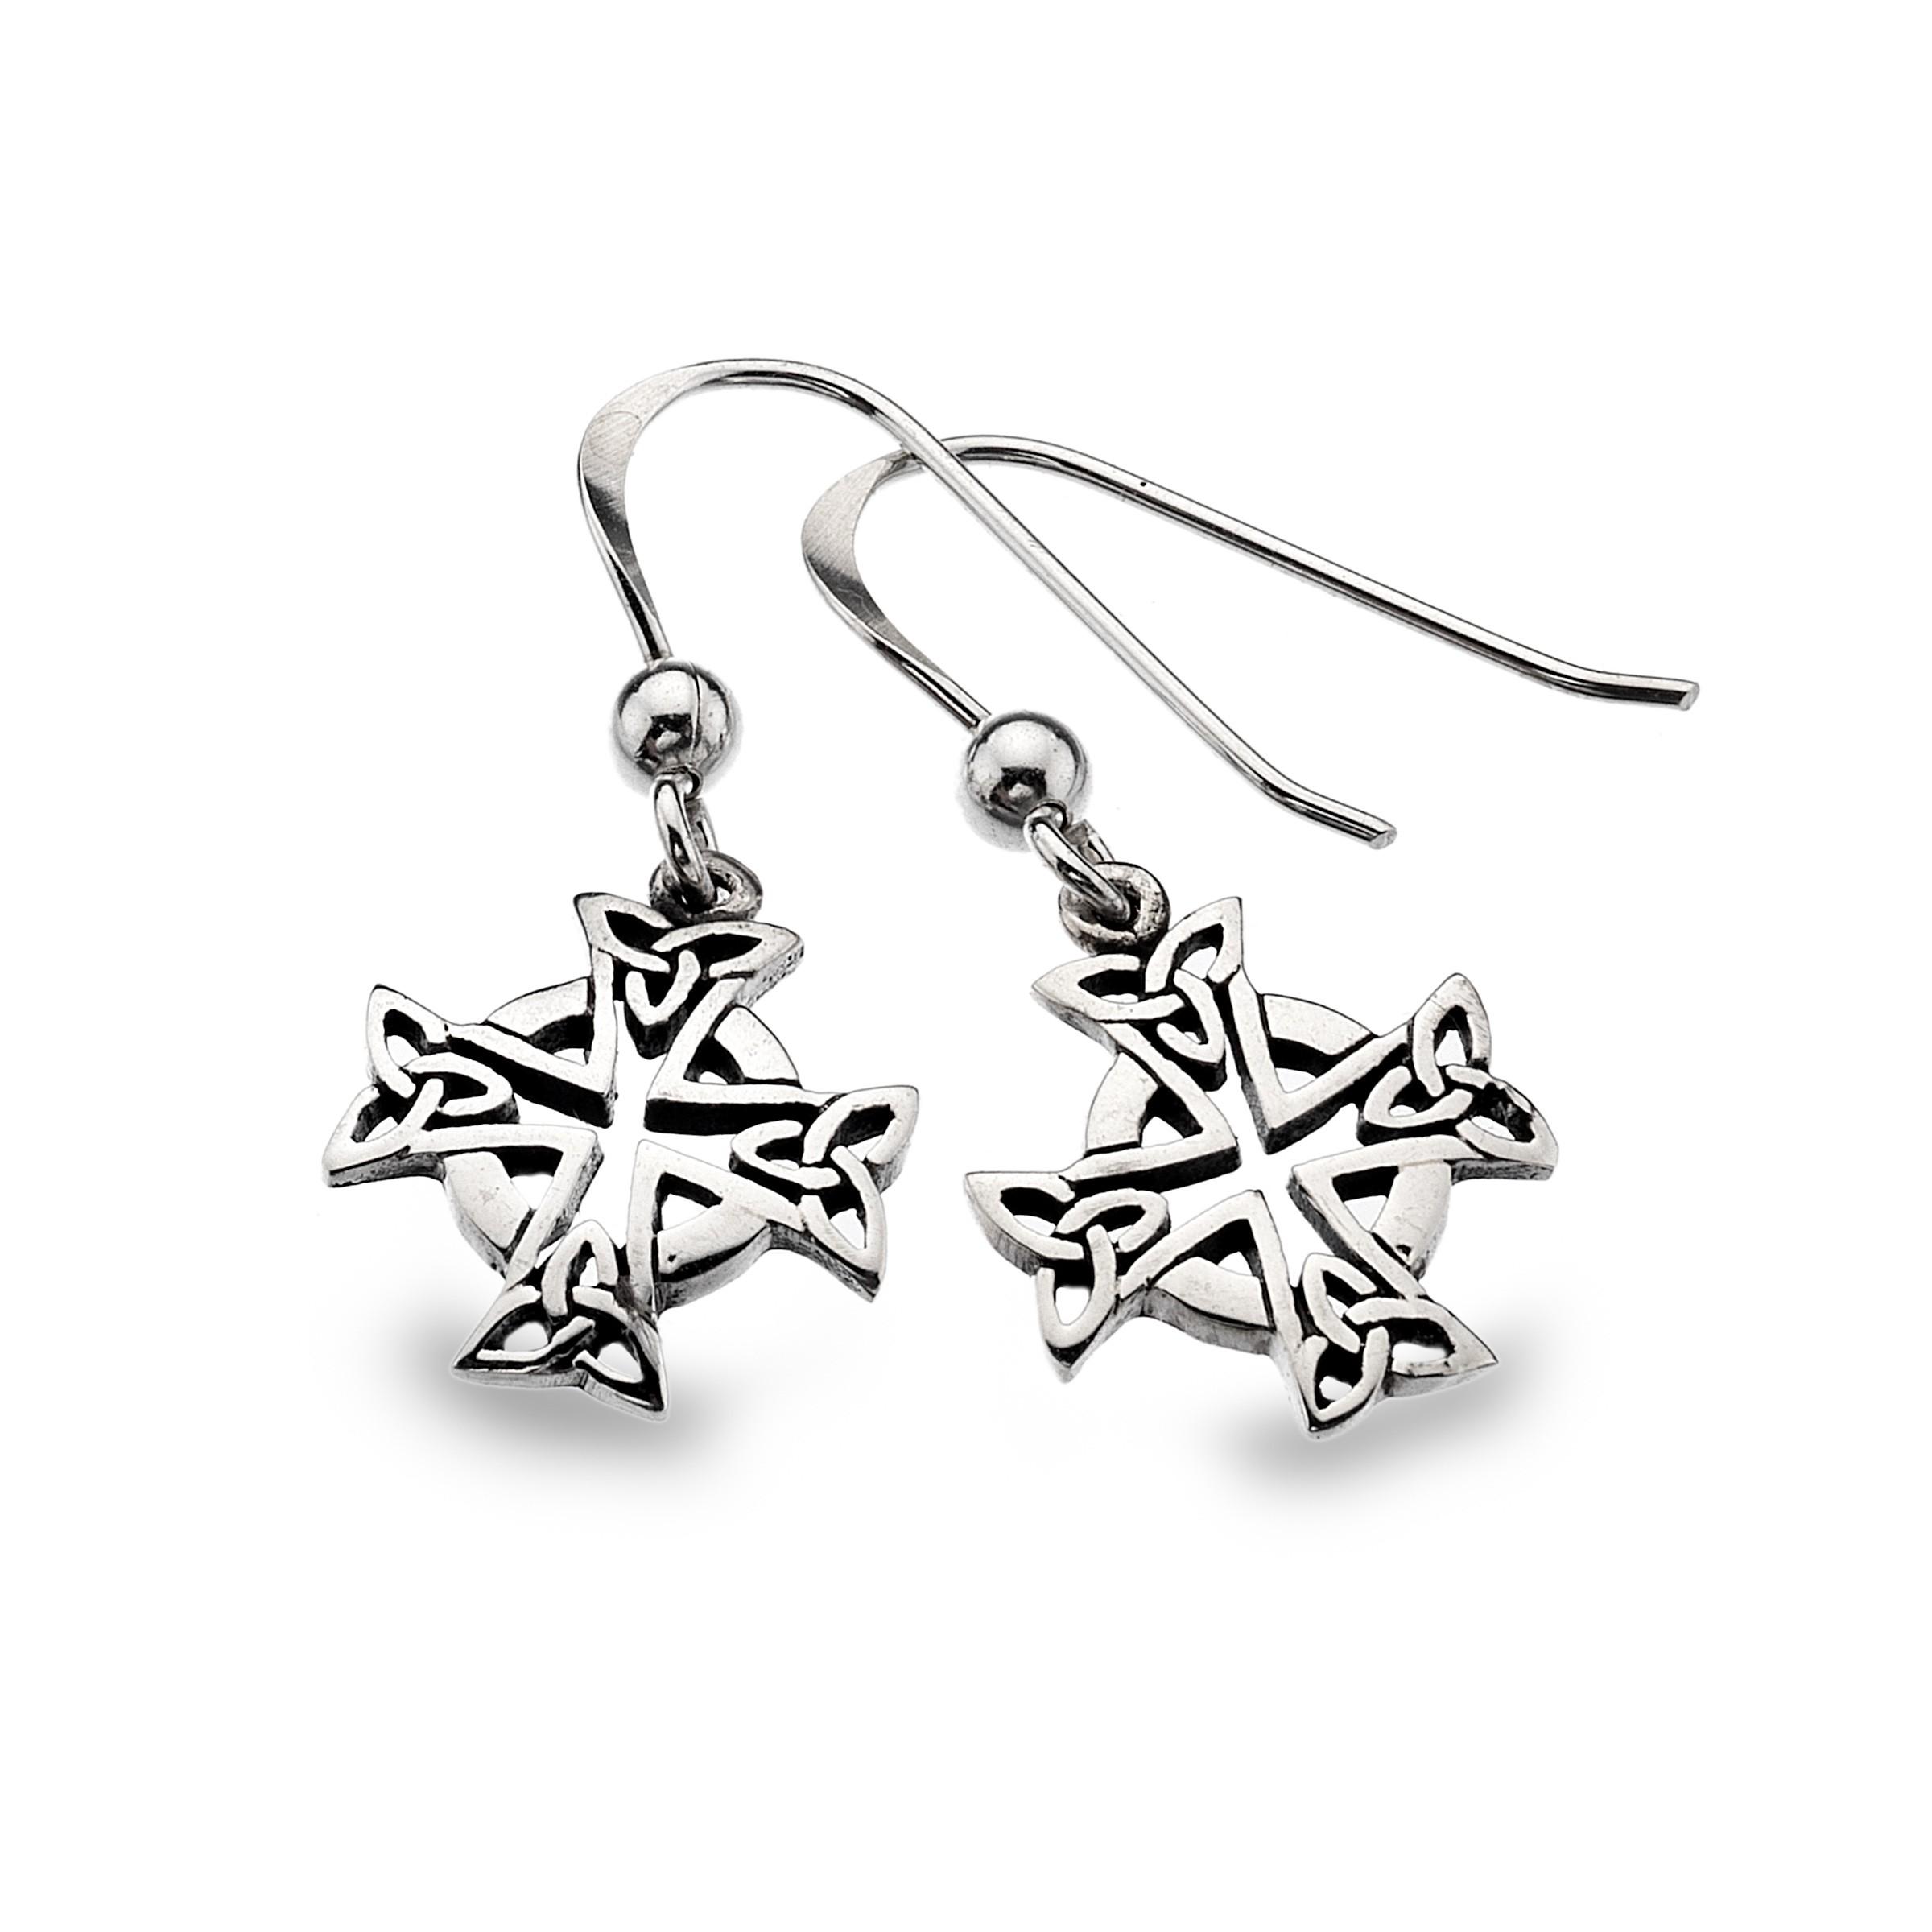 Celtic Cross Head Sterling Silver Earrings